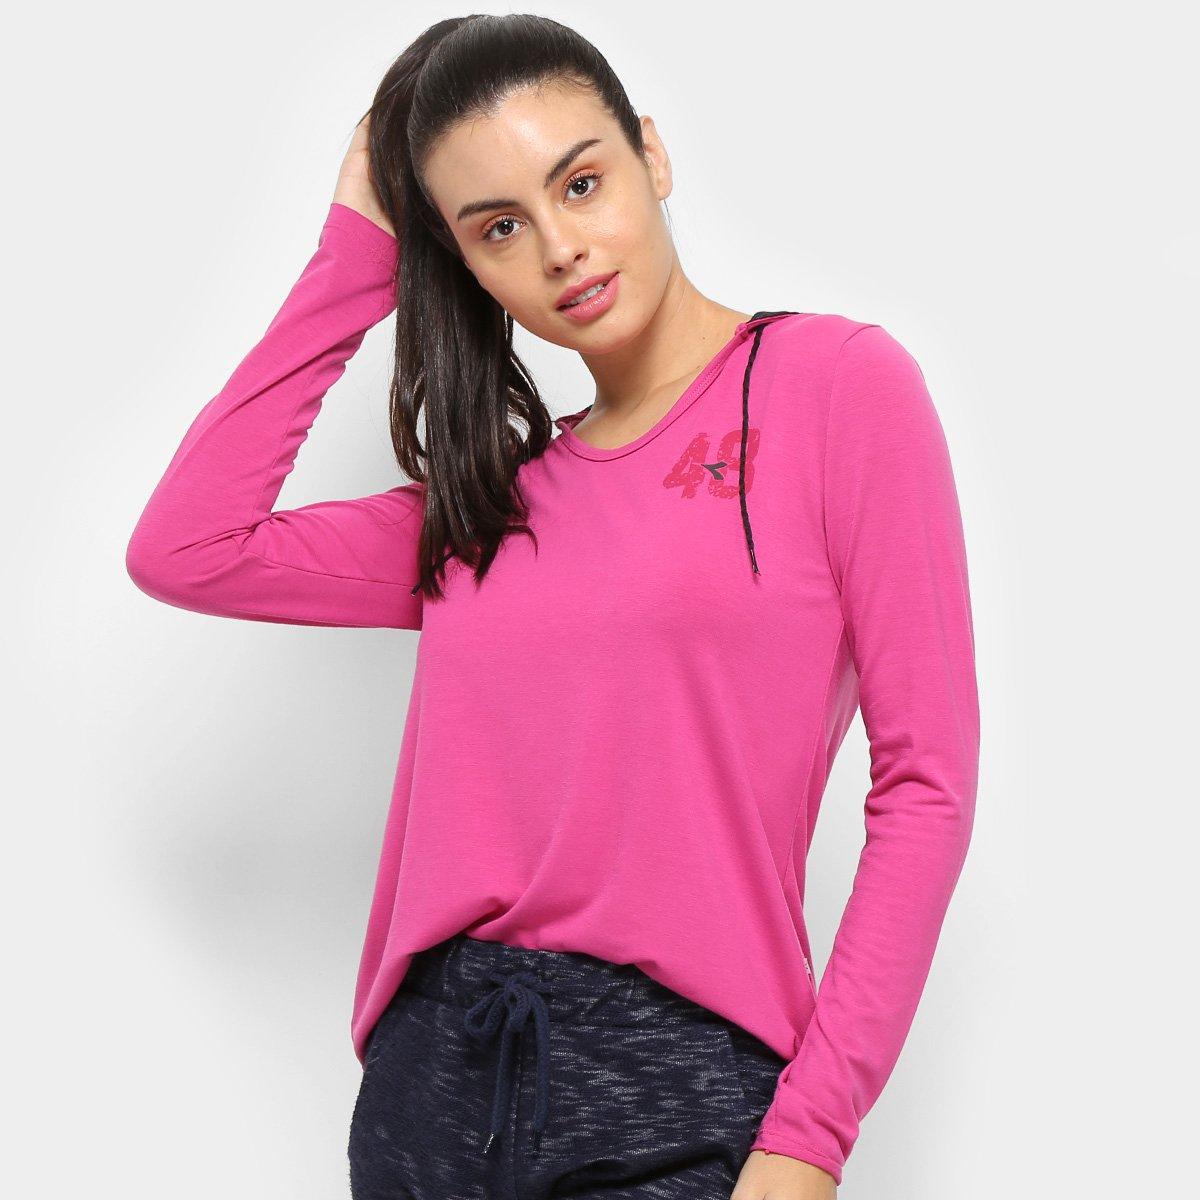 Pink Camiseta Diadora Diadora 261172 L M Flow Flow 261172 Camiseta aFanzTrp